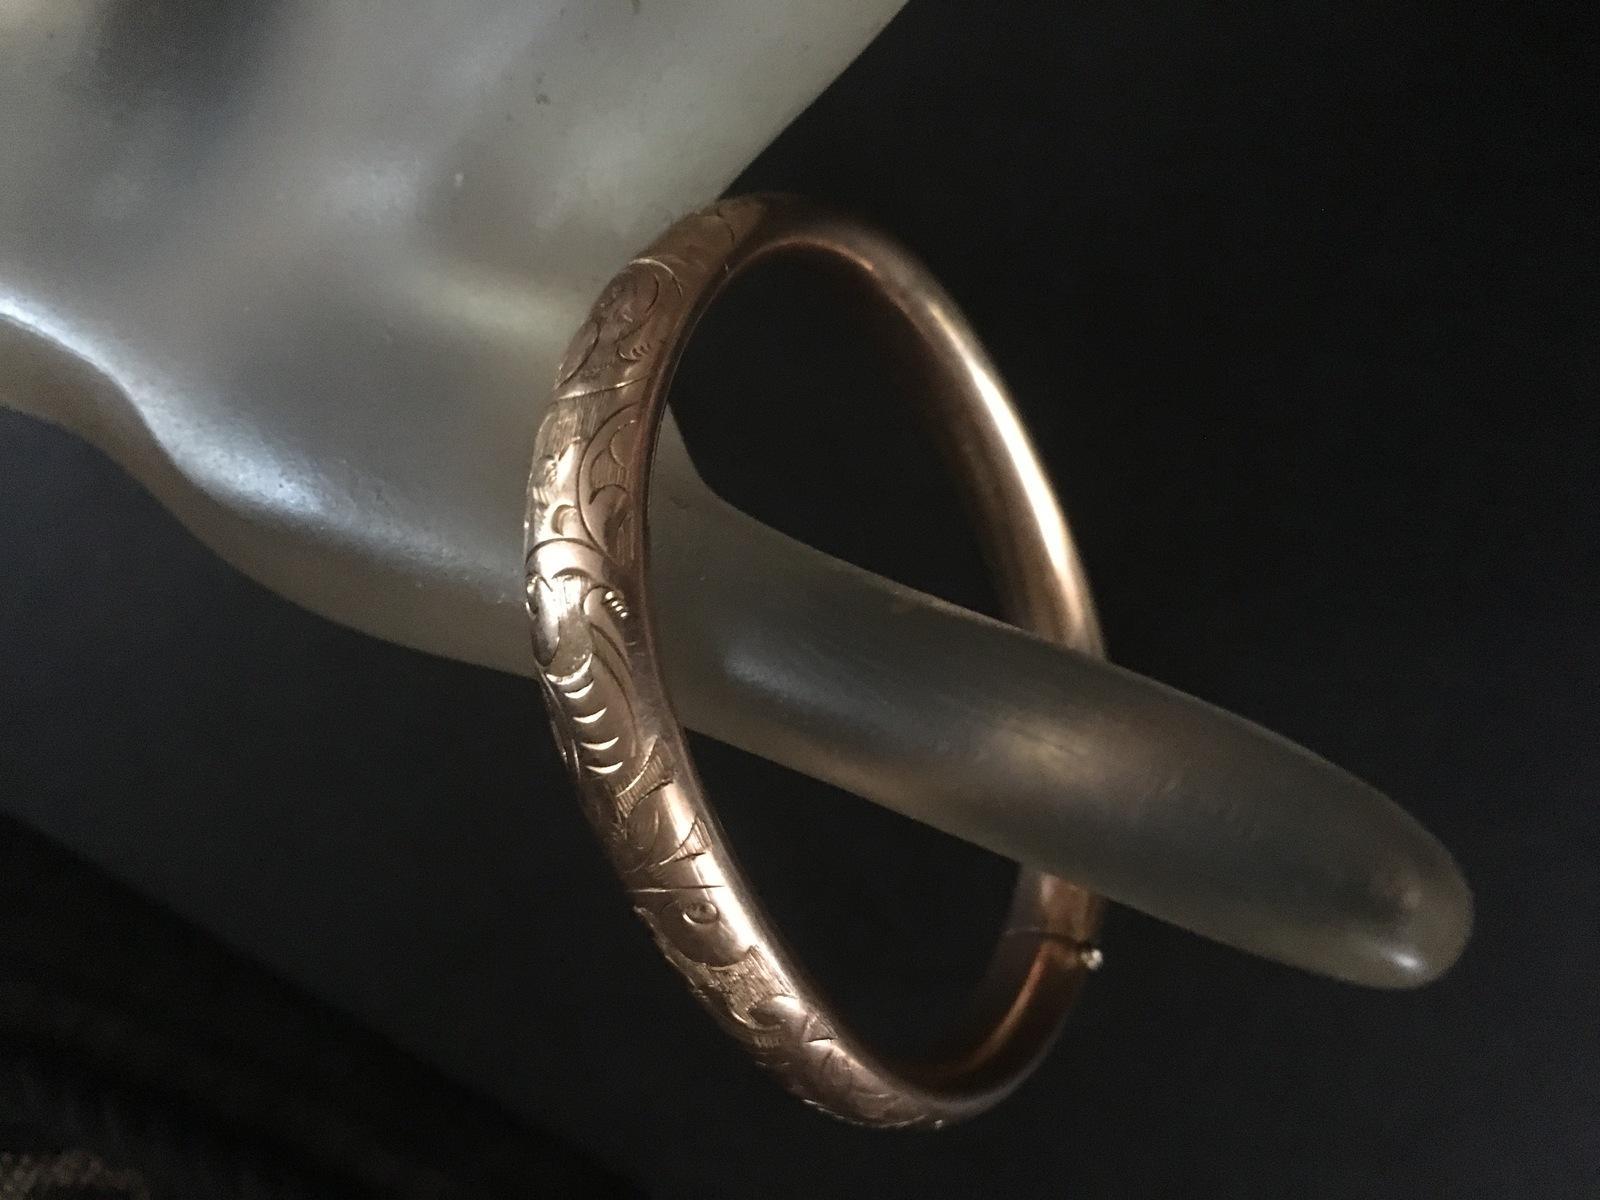 Antique Victorian 14K Gold Filled Bangle Bracelet Pat'd Dec 26, 1905 Bates Bacon